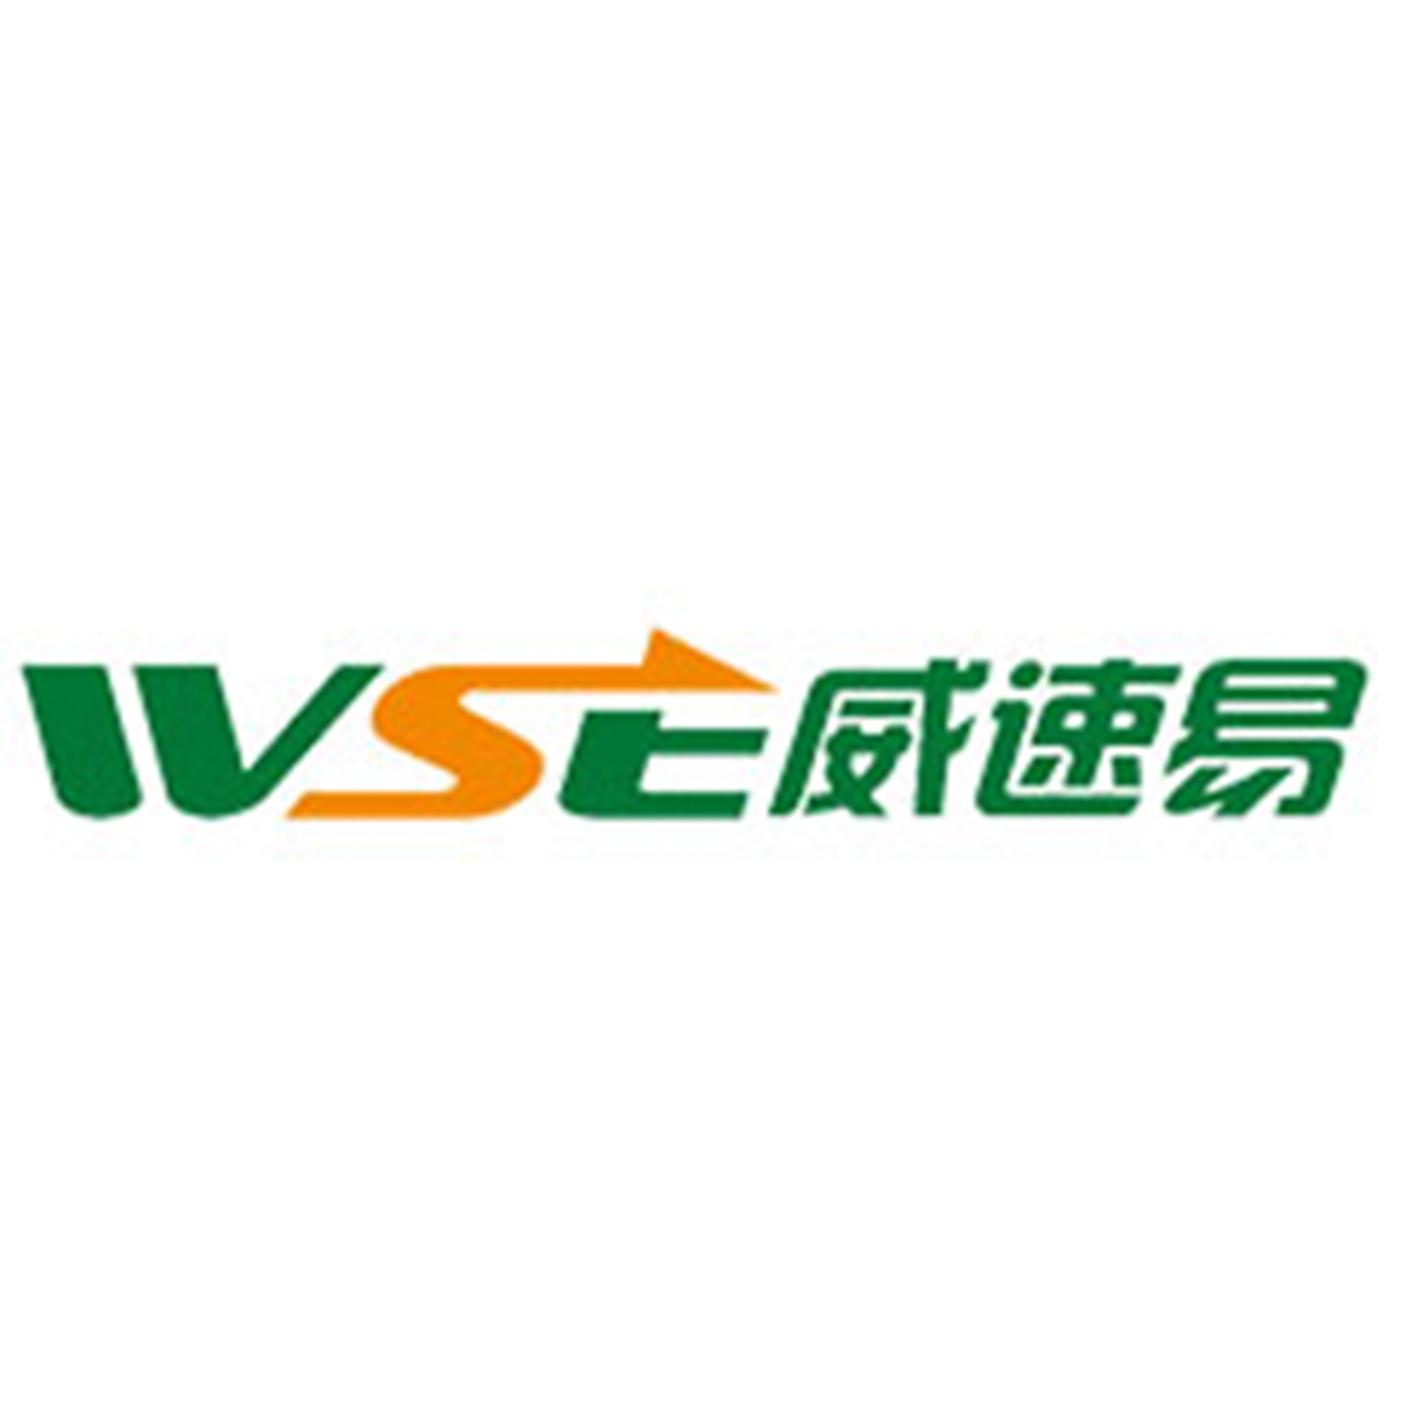 广东威速易供应链有限管理